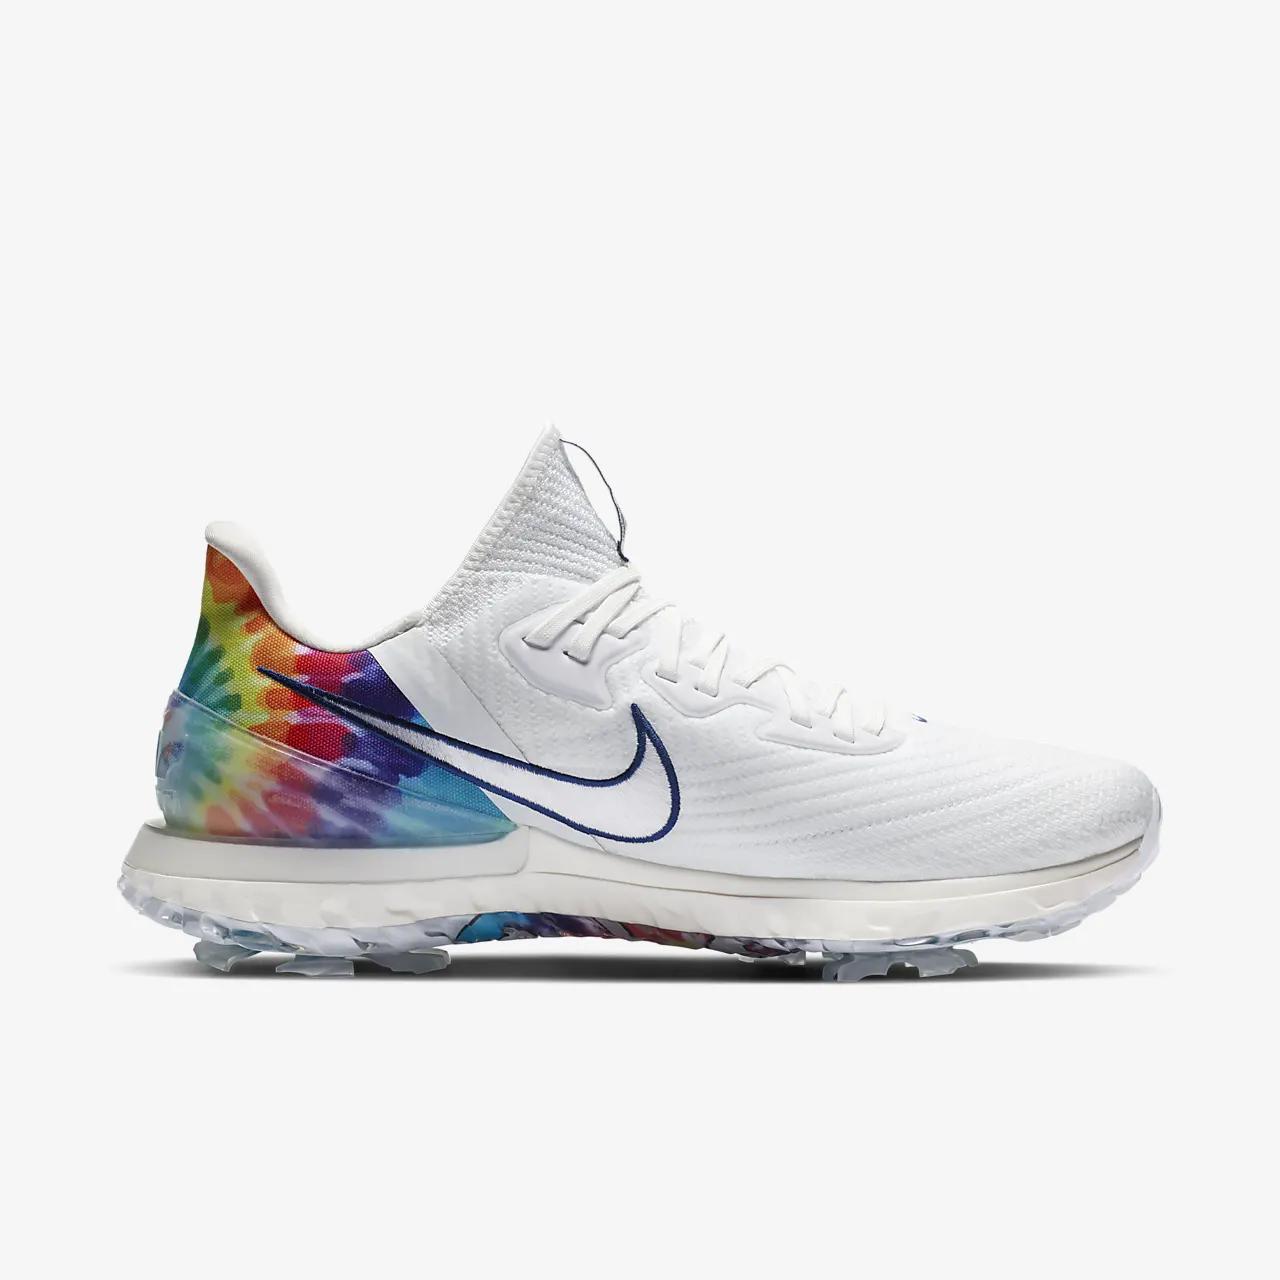 유럽직배송 나이키 NIKE Nike Air Zoom Infinity Tour NRG Golf Shoe CT3732-100